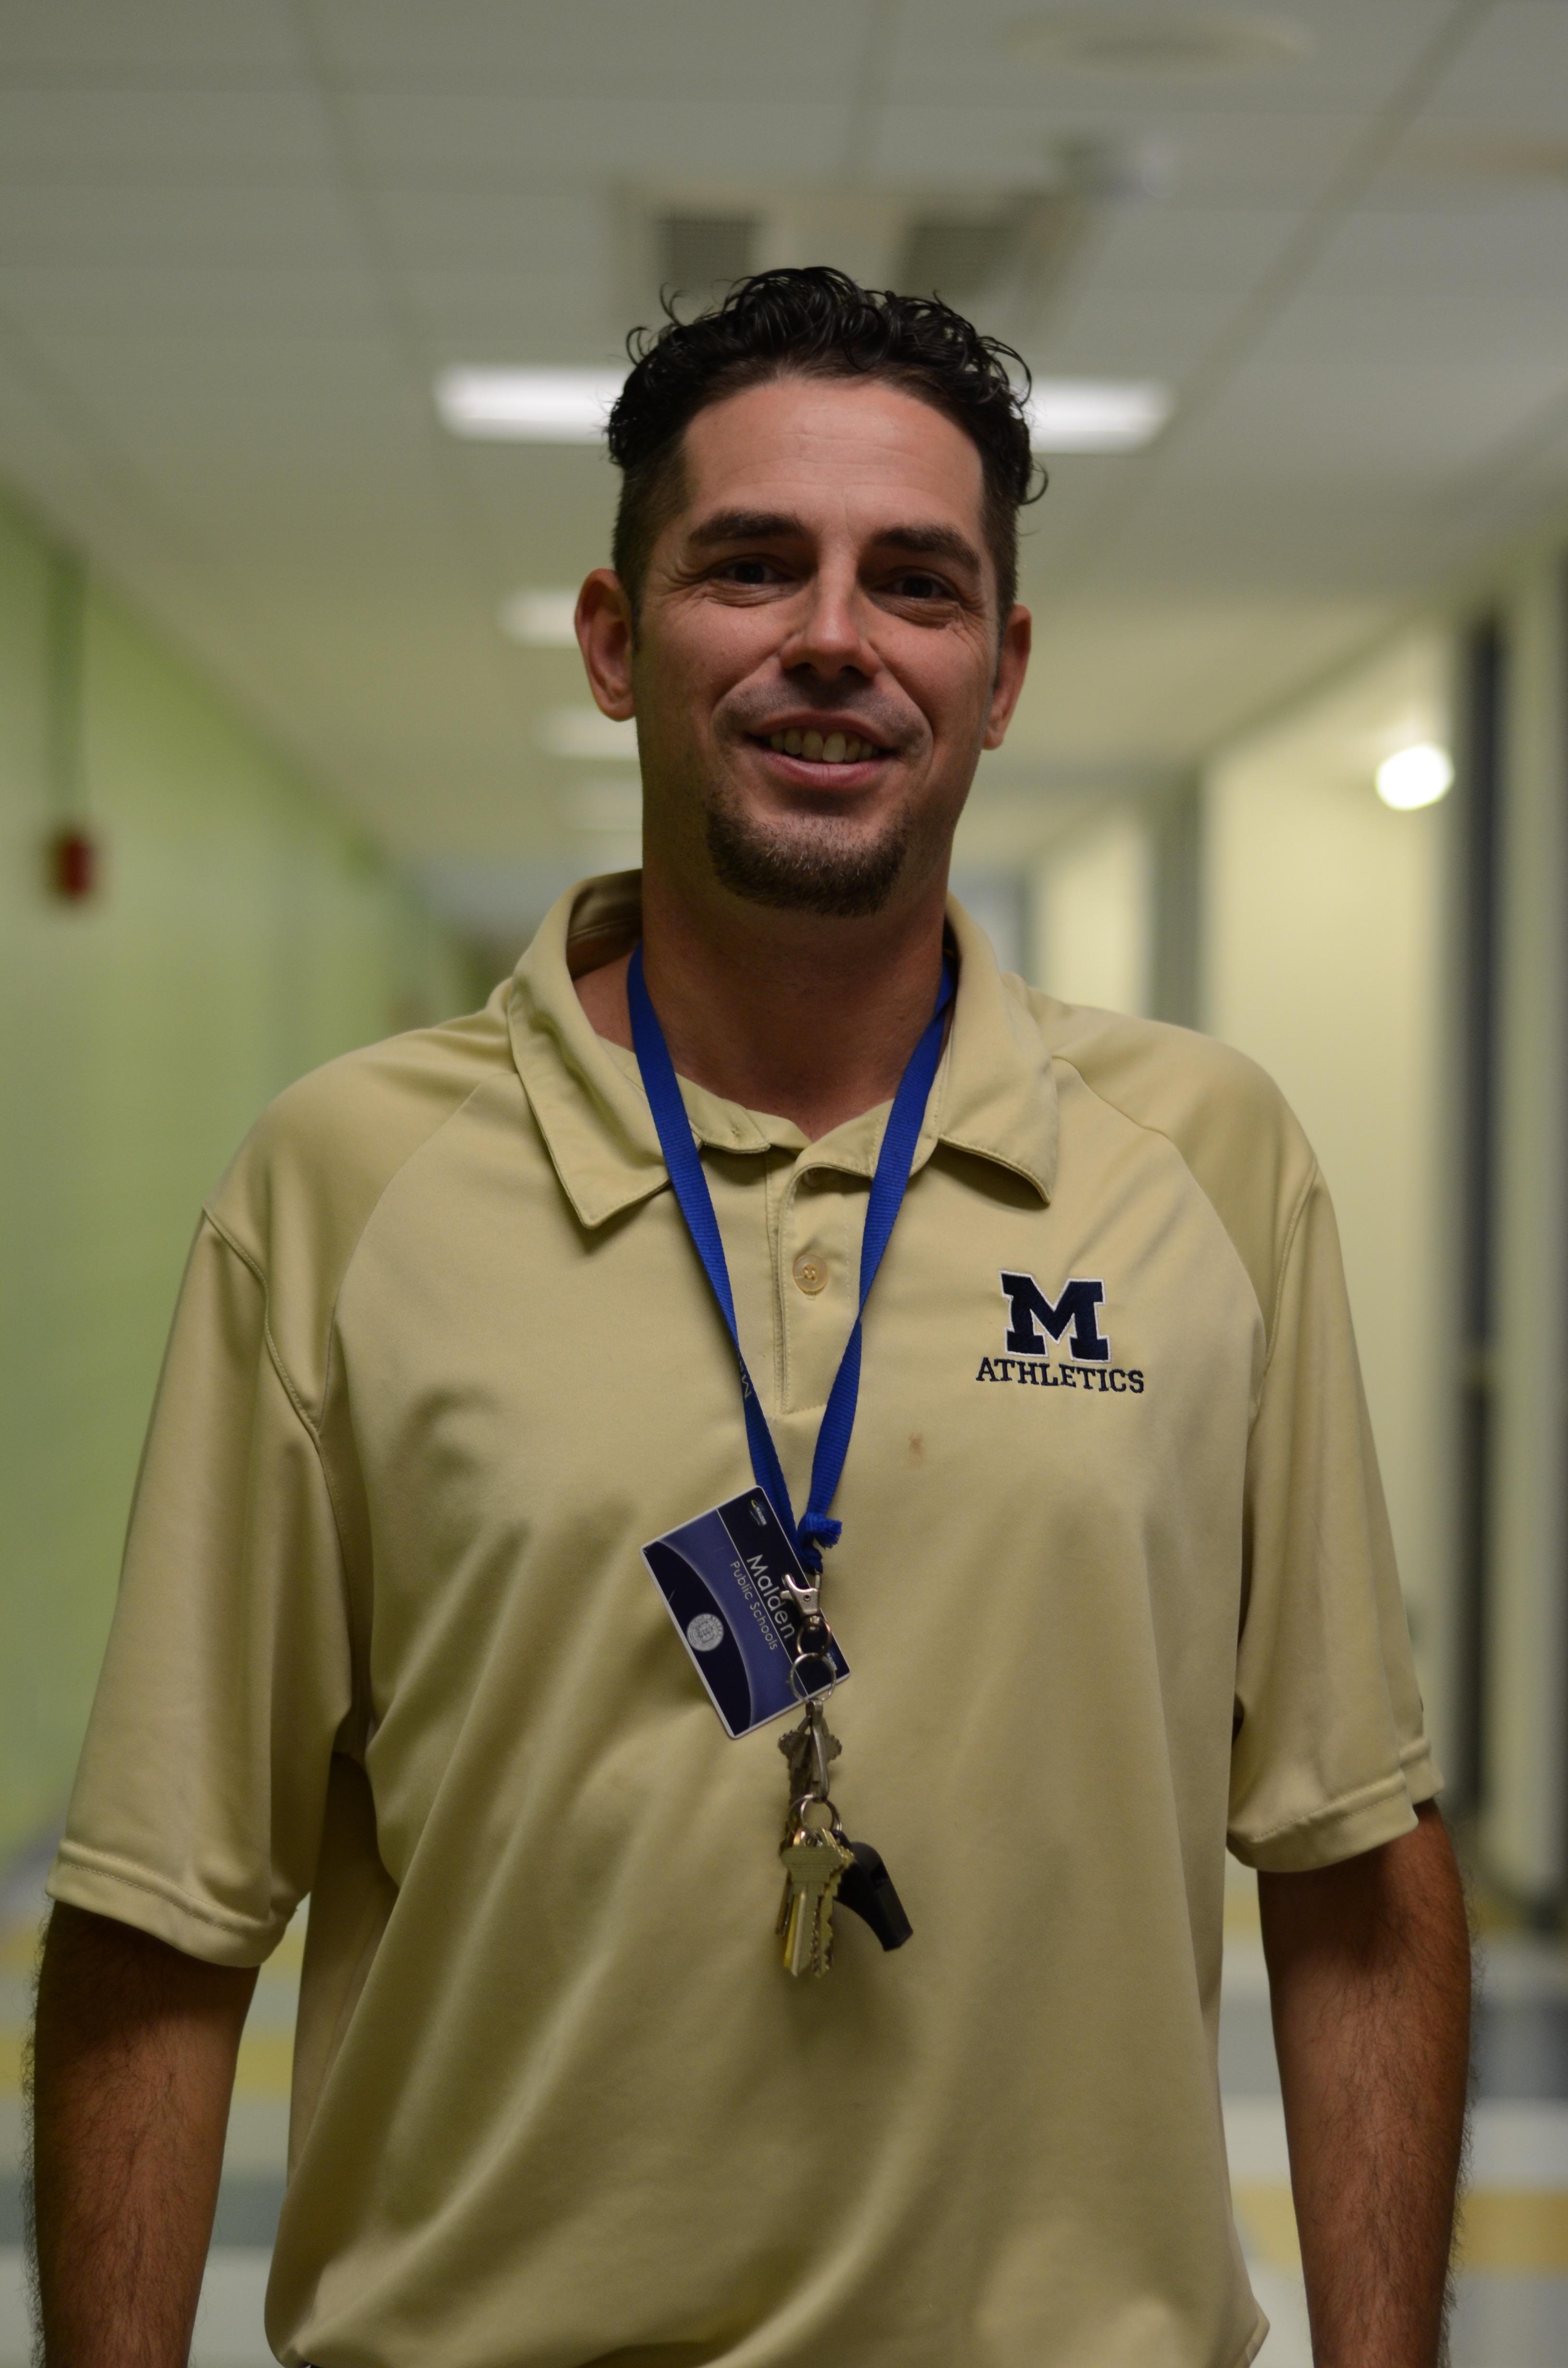 New MHS gym teacher  Mark Gagnon. Photo by Ryan Hames.